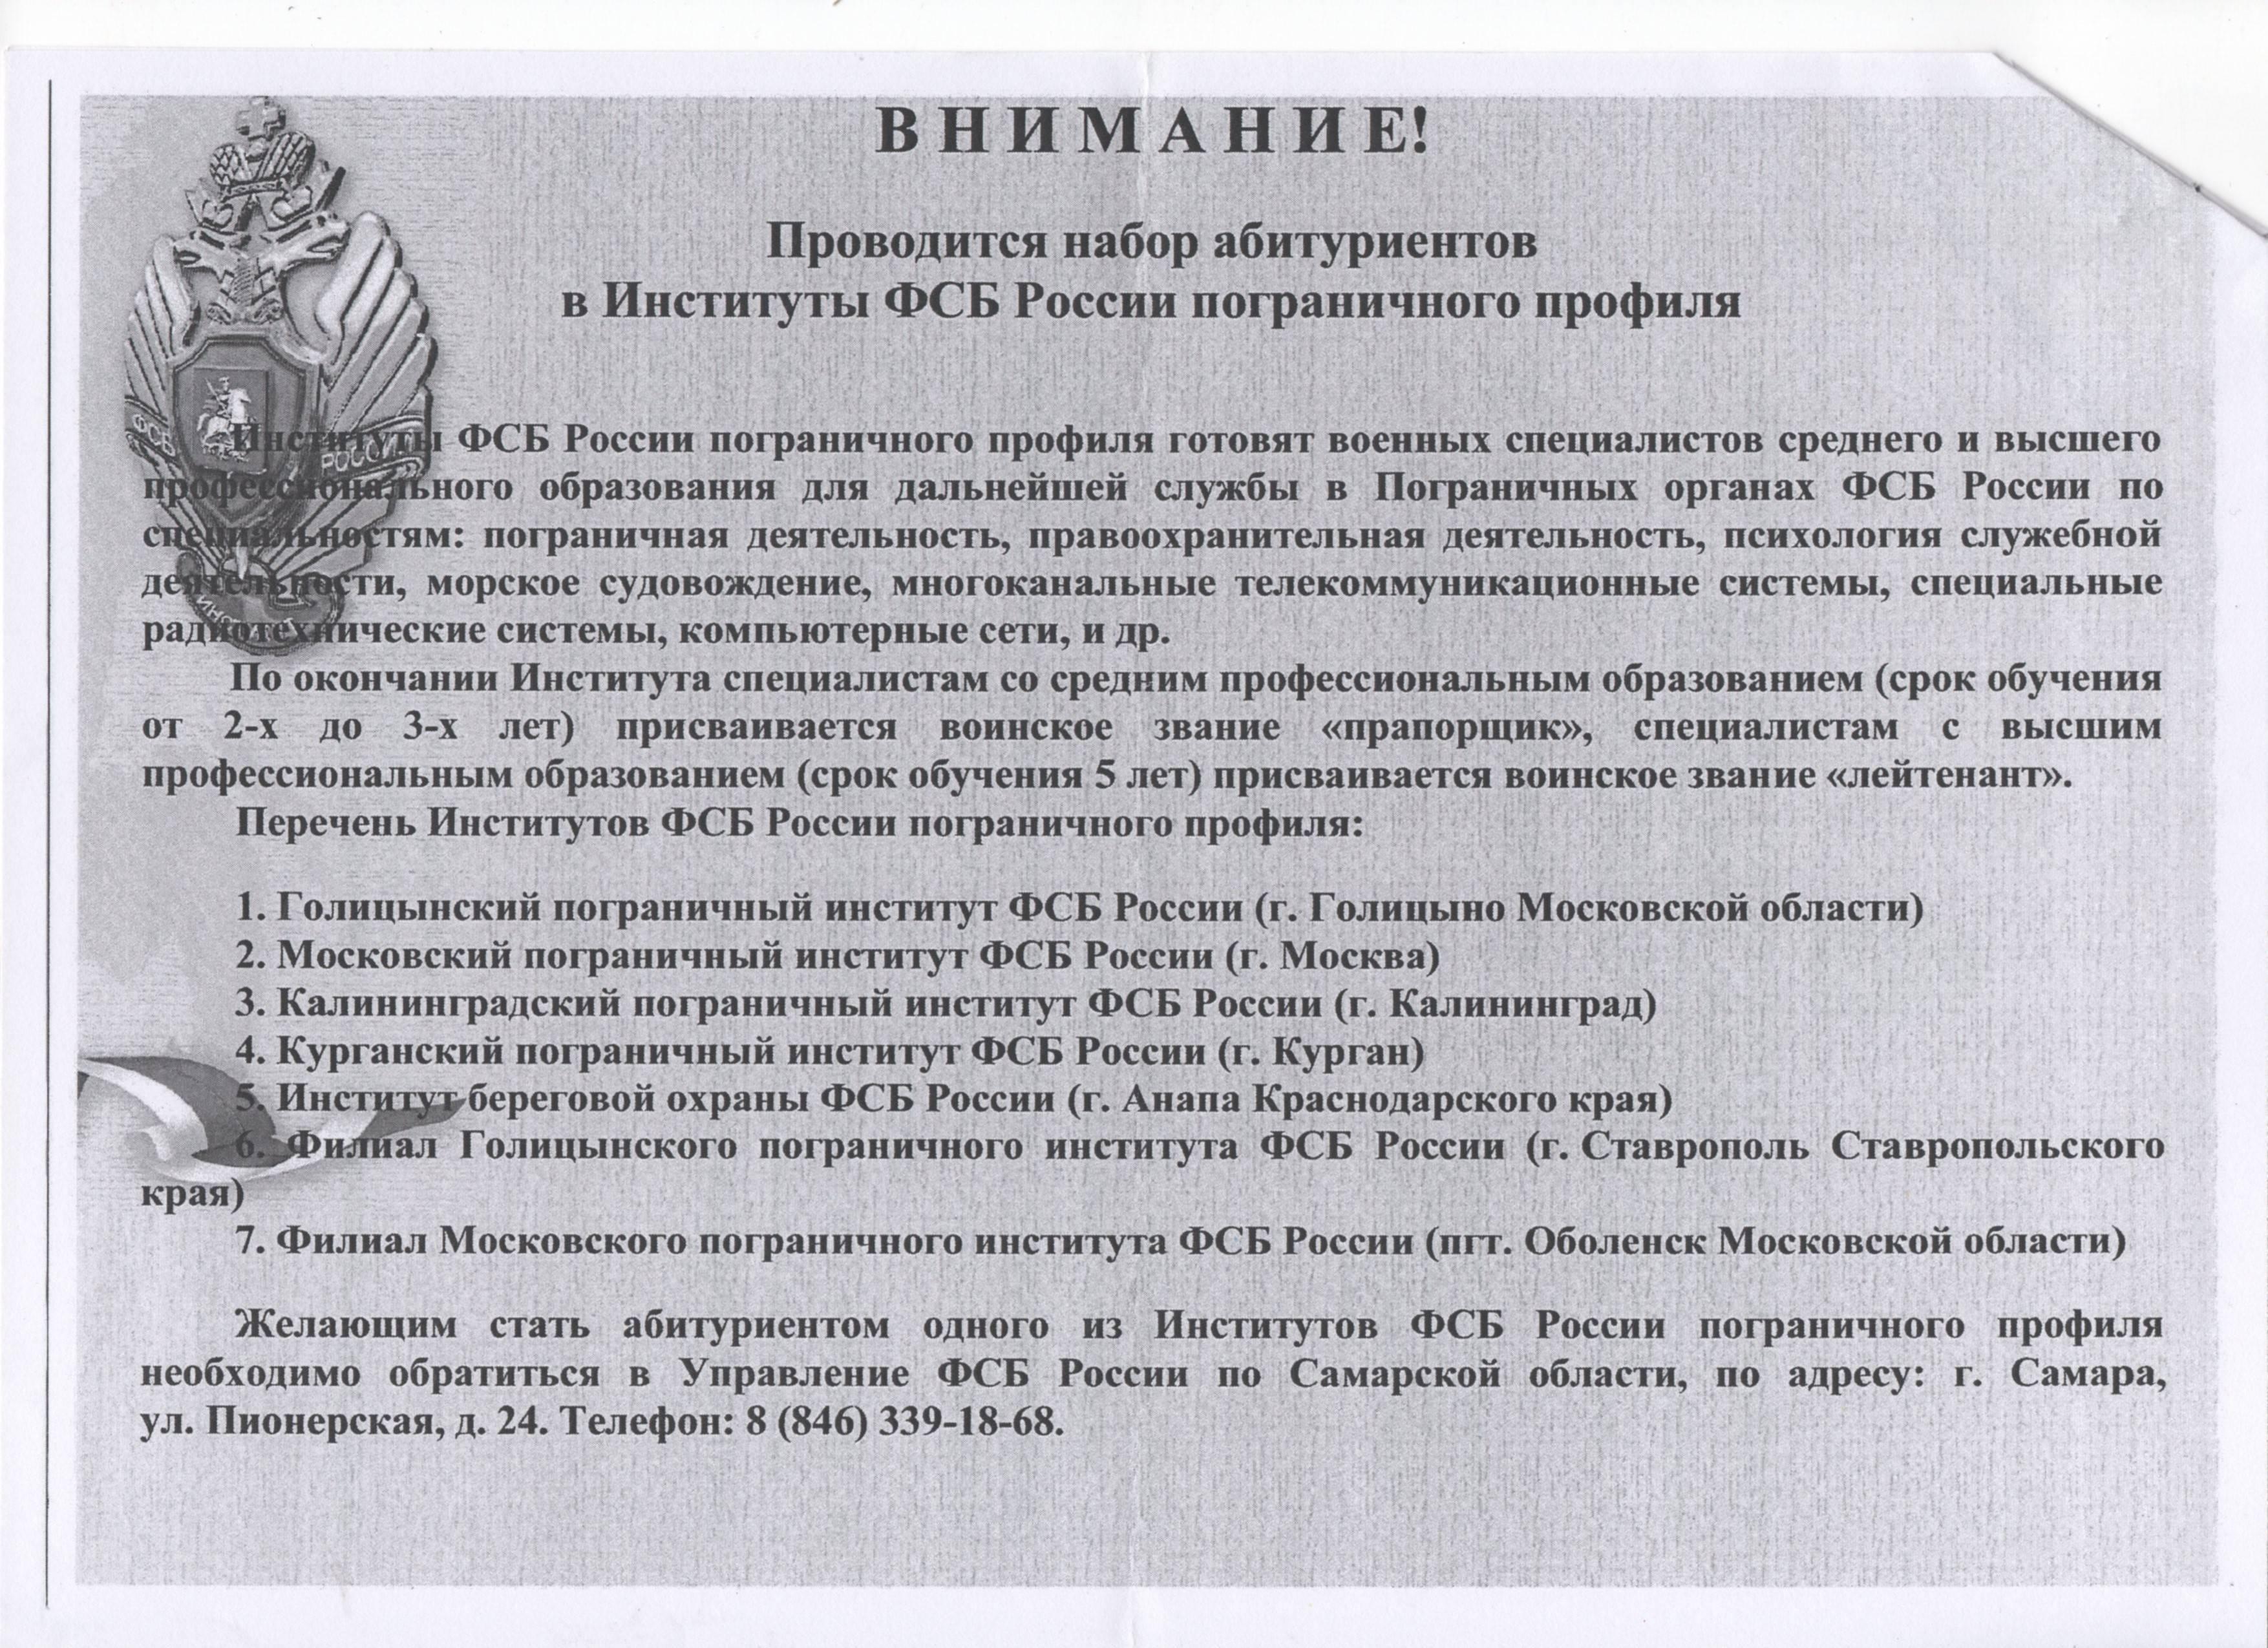 Как устроиться в ФСБ после армии